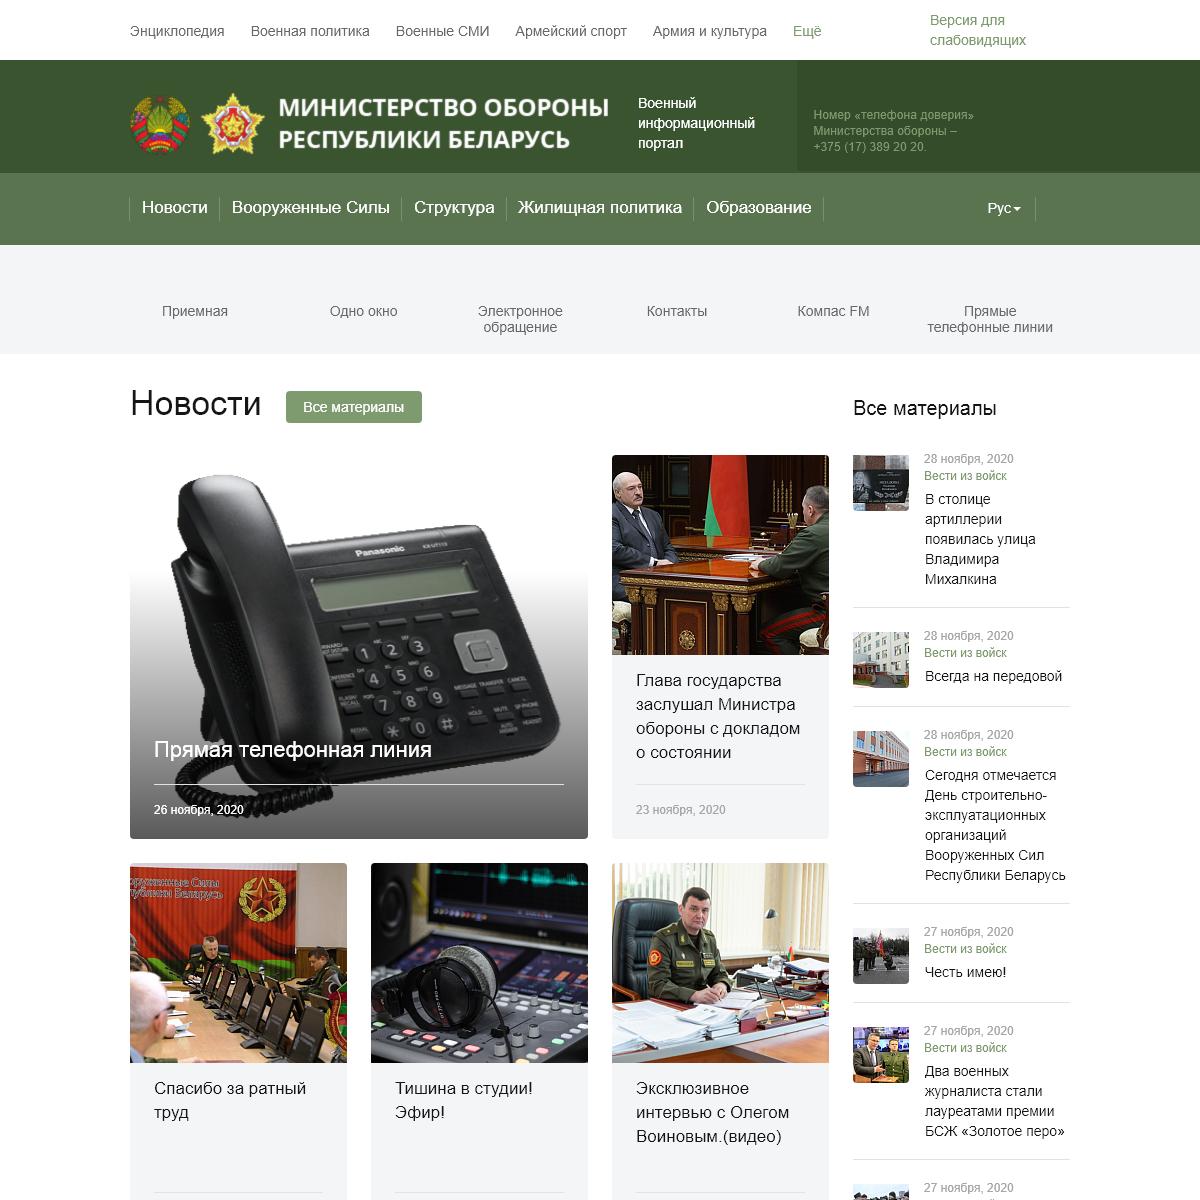 Министерство обороны Республики Беларусь - Военный информационный по